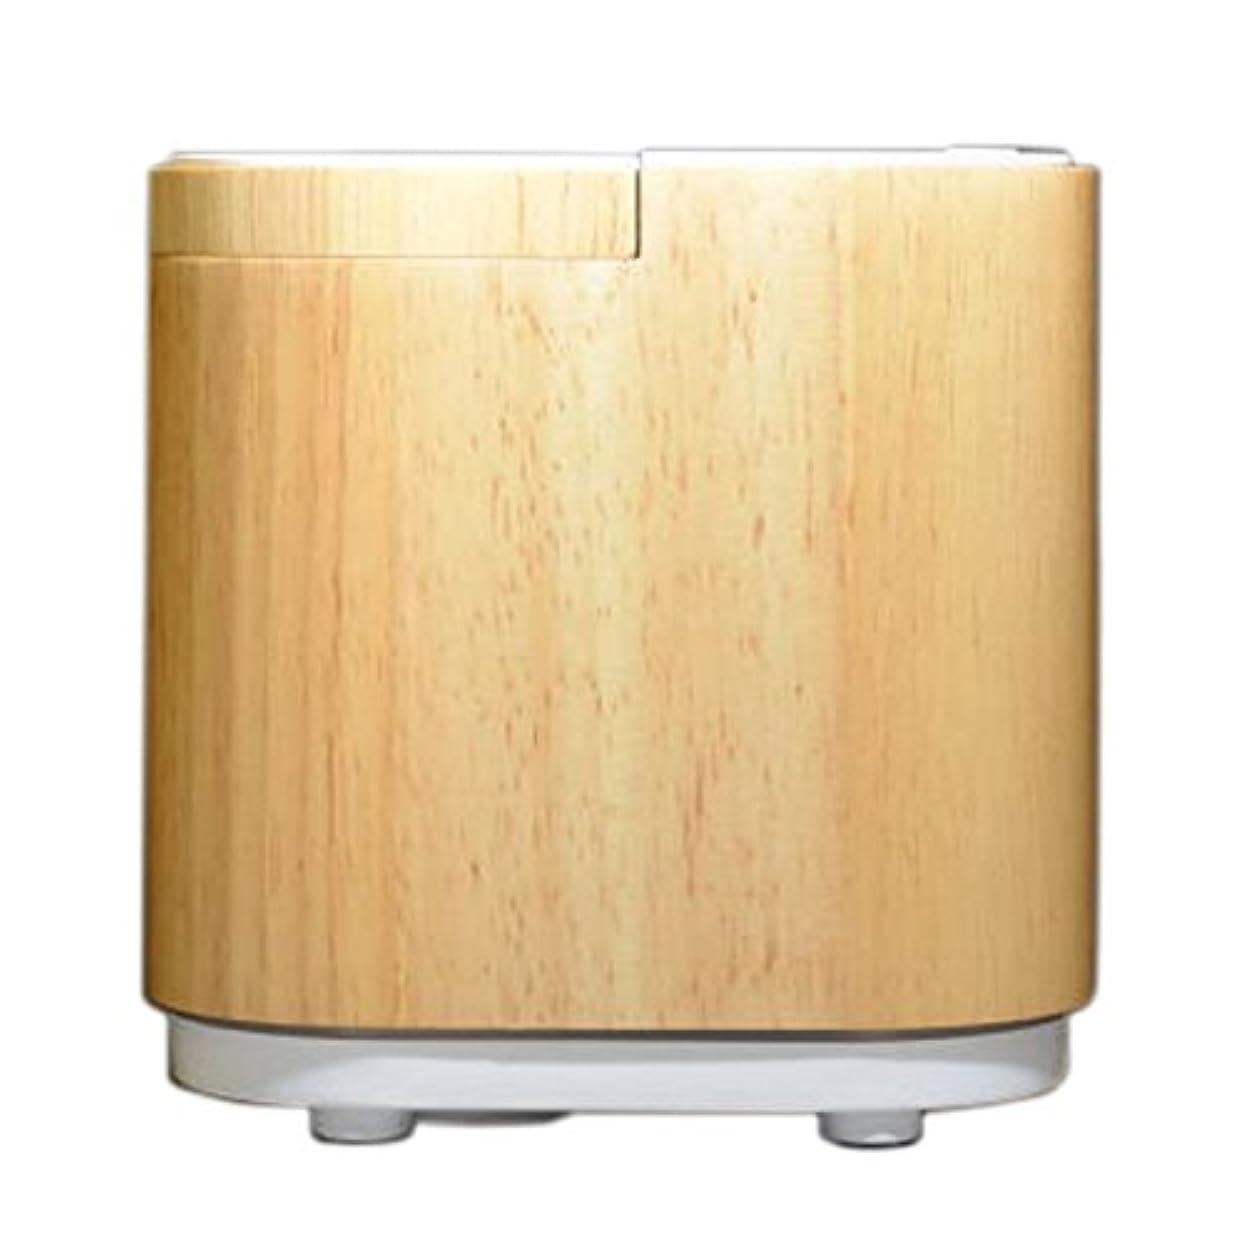 生活の木 アロモアウッド [aromore] エッセンシャルオイルディフューザー アロマディフューザー